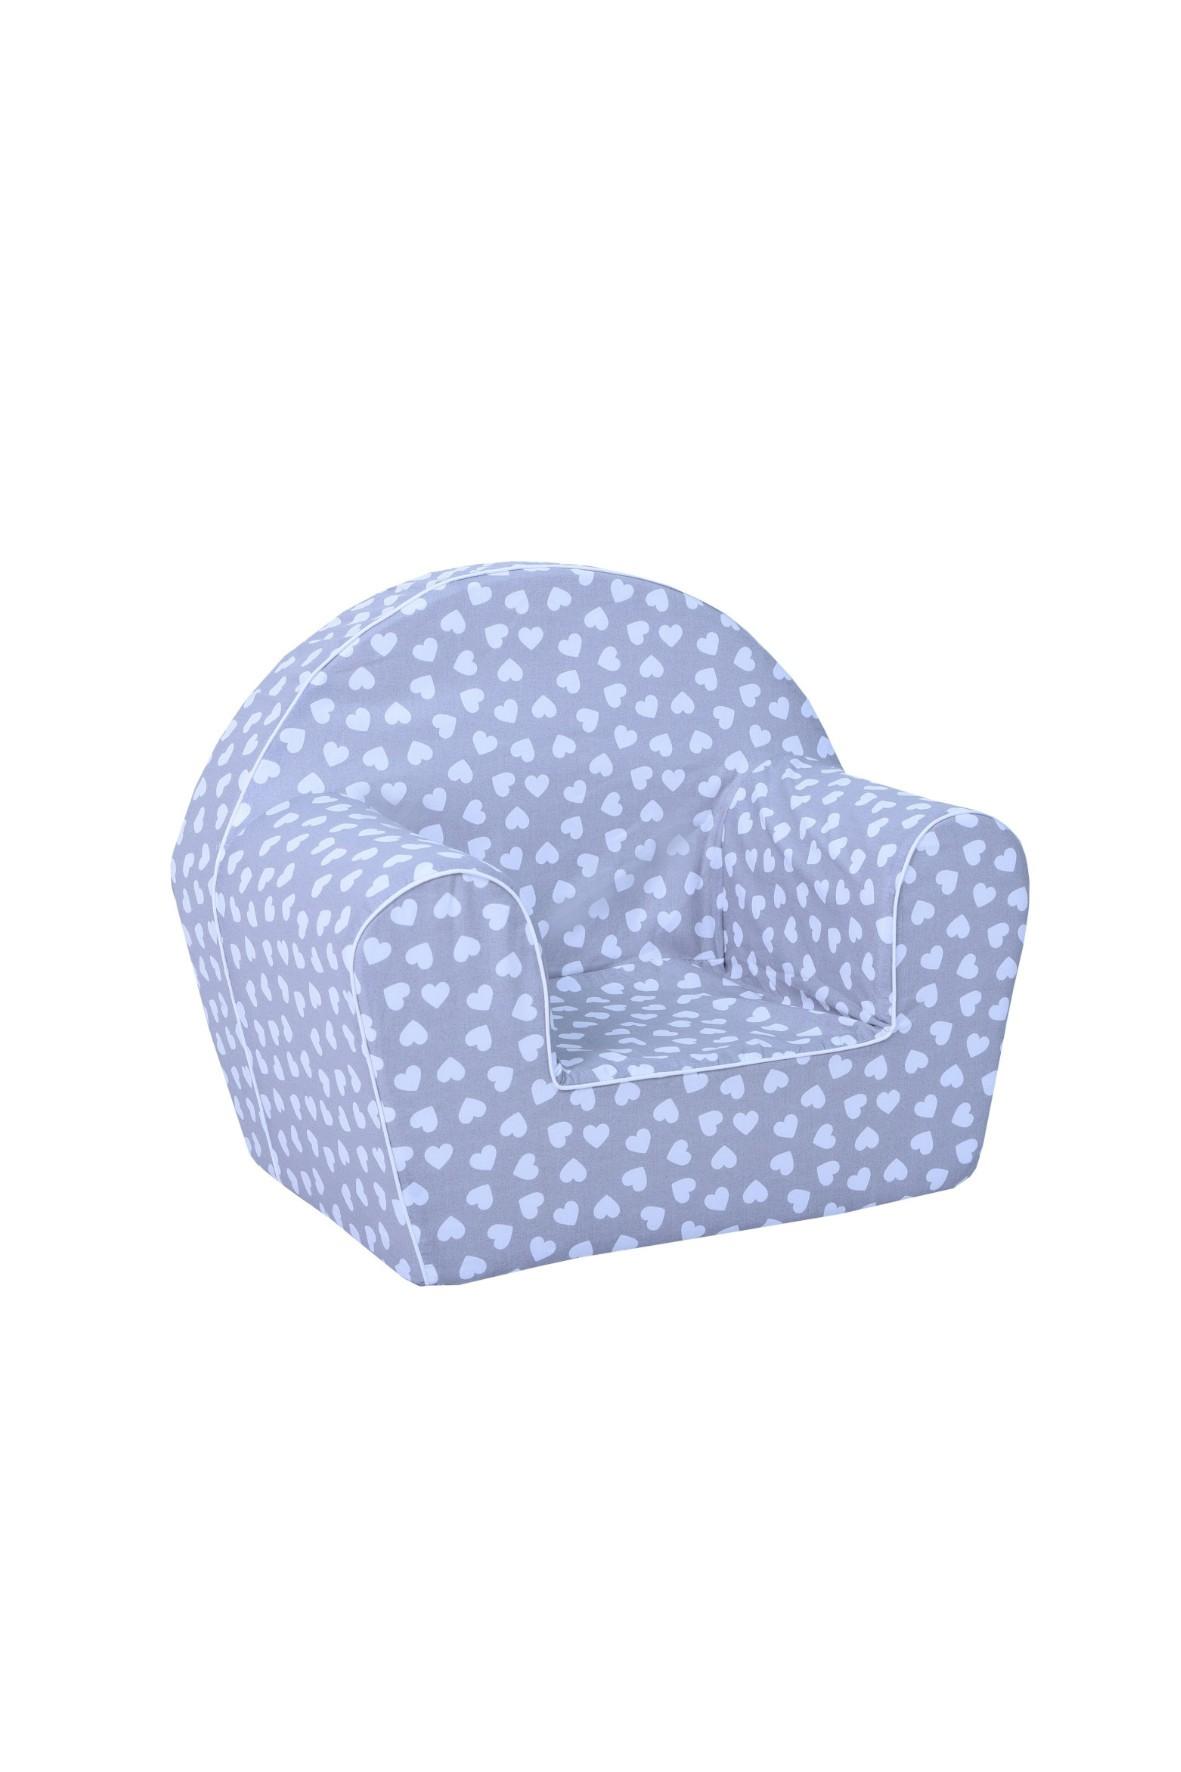 Niebieski fotelik w serduszka